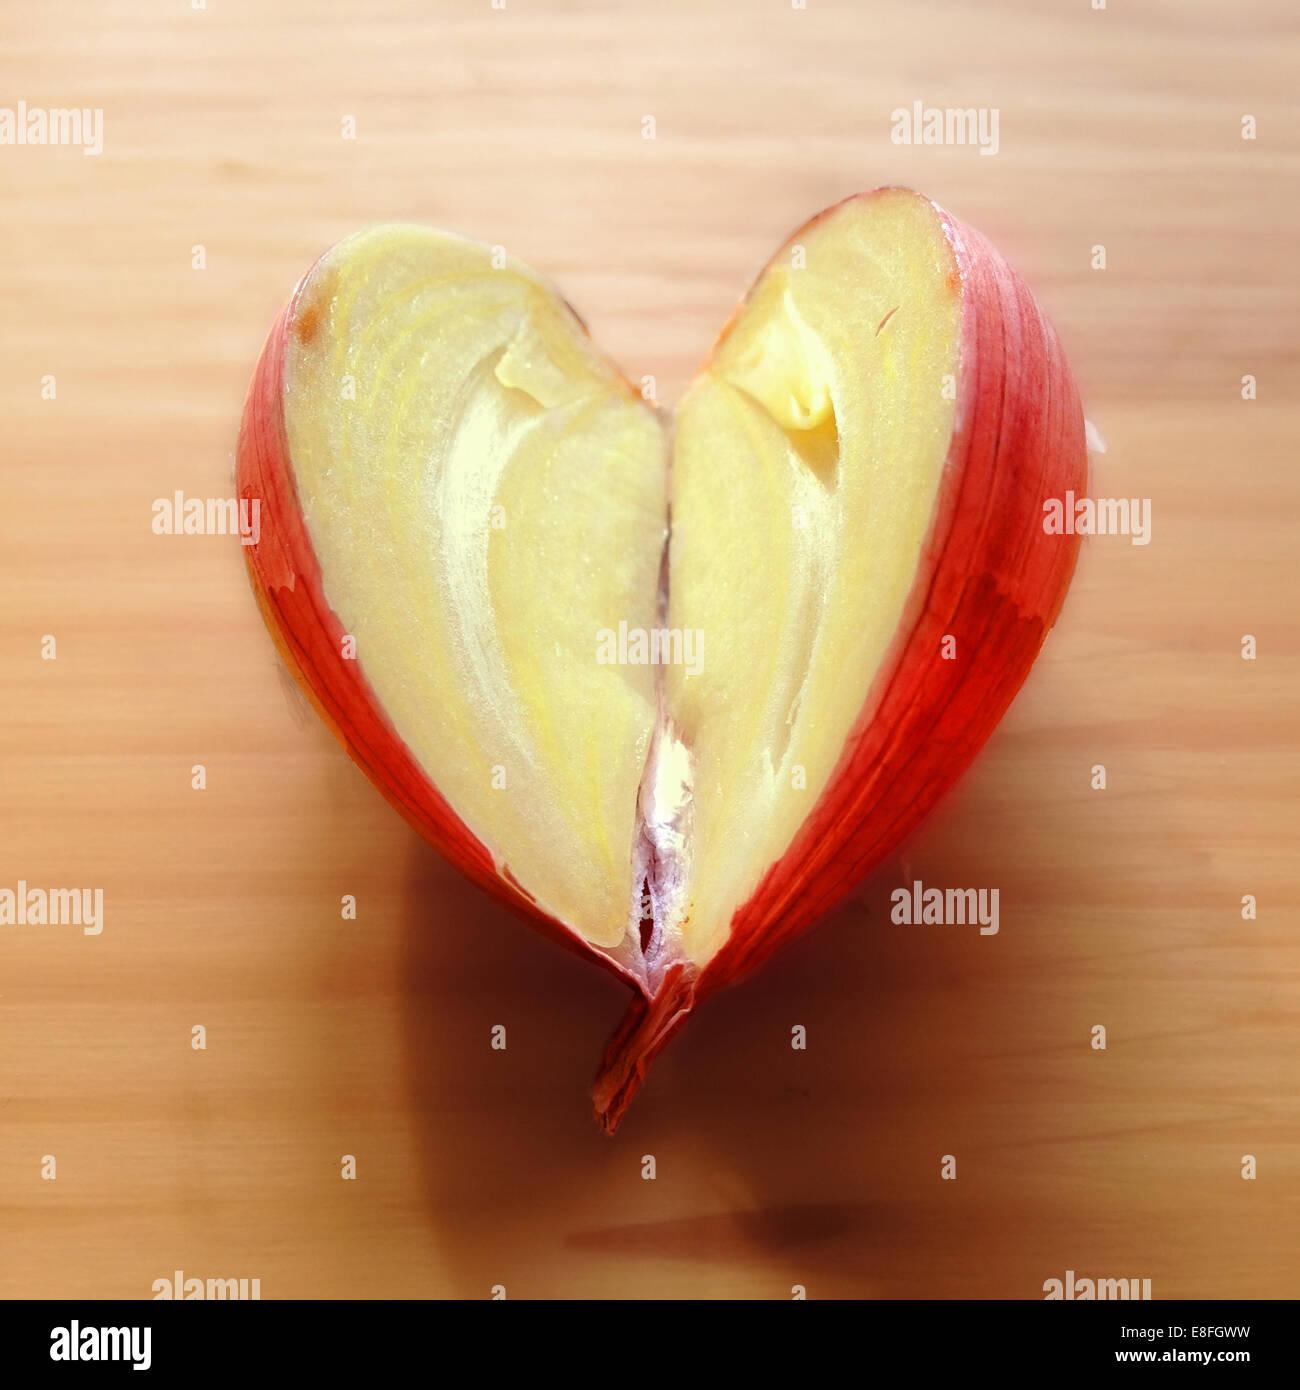 Con forma de corazón un diente de ajo cortado a la mitad Imagen De Stock